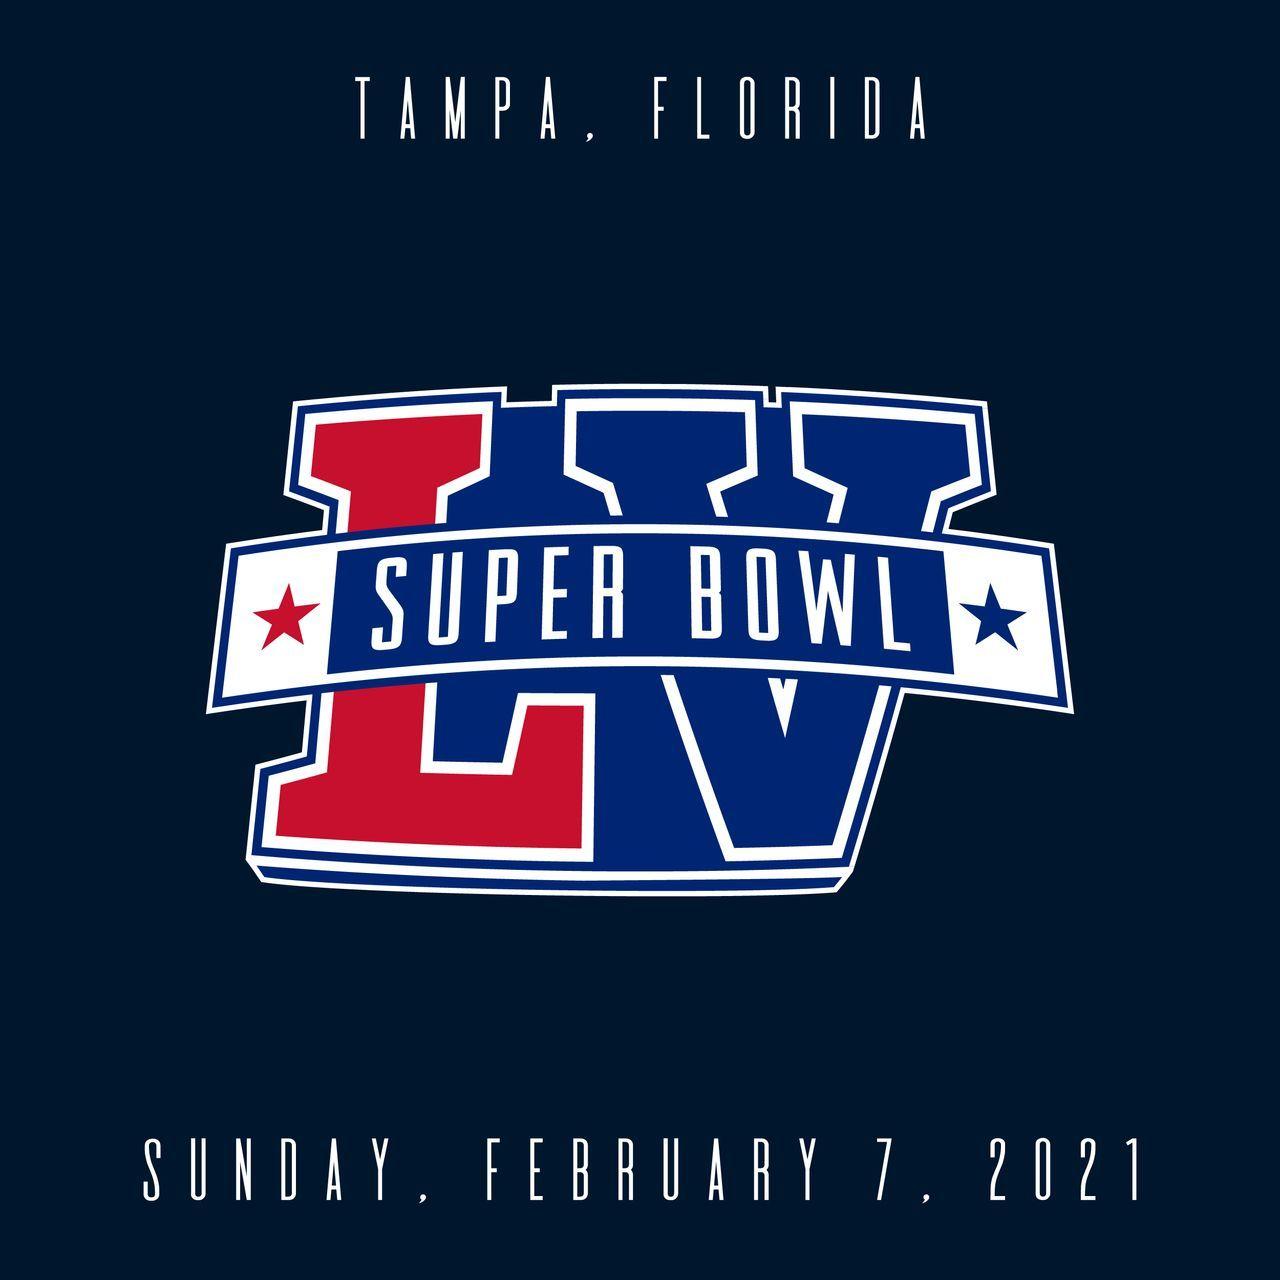 Super Bowl Lv Logo By Almcinnis On Deviantart Super Bowl Spin Quotes Superbowl Logo